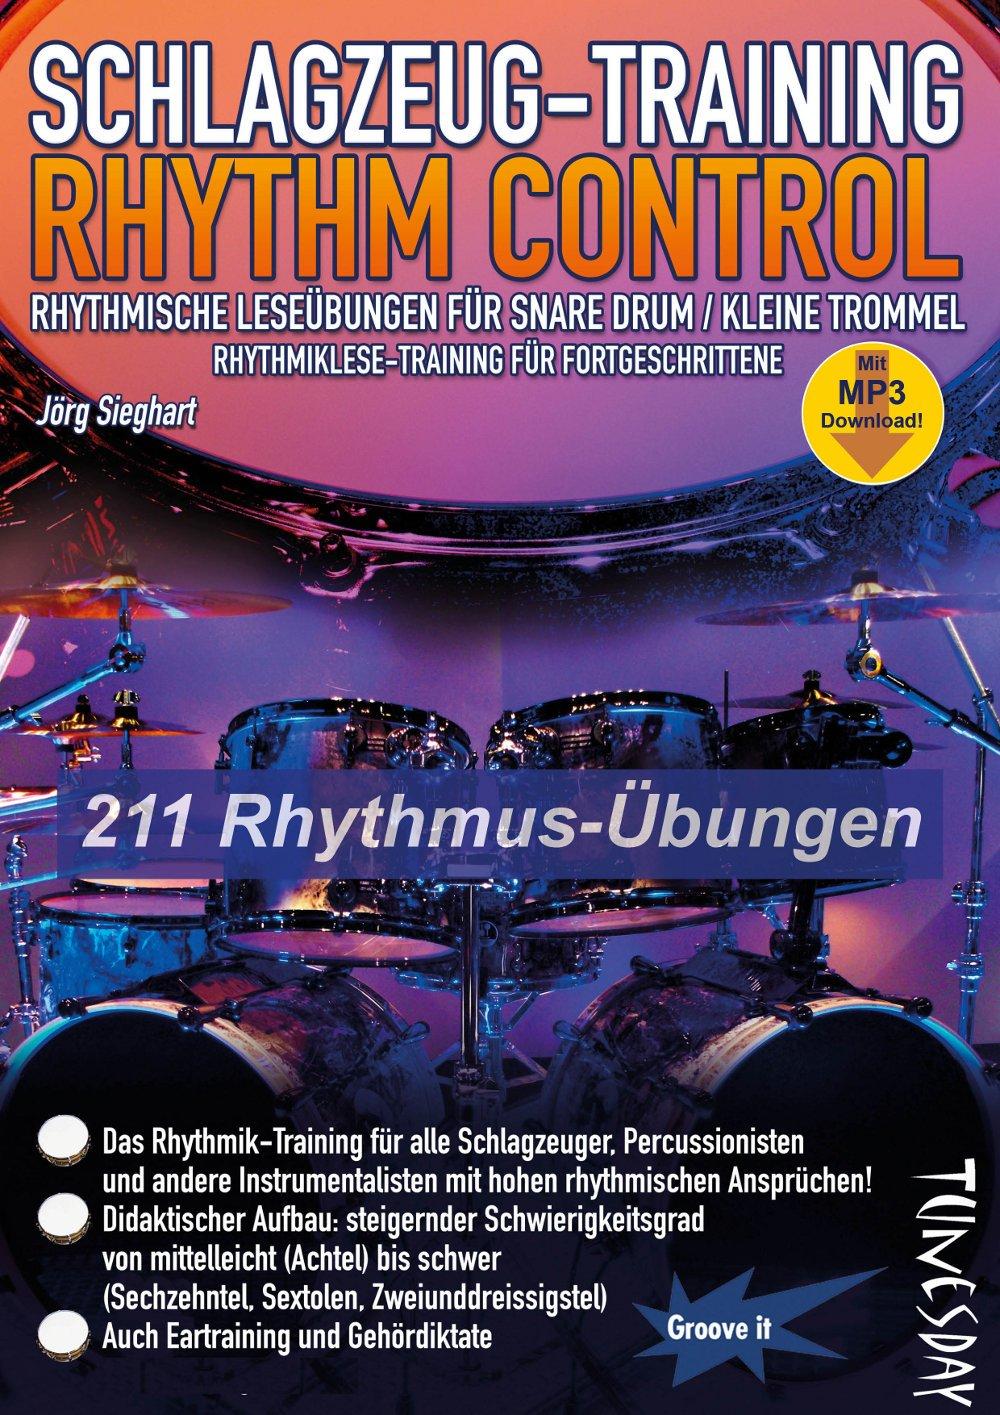 Schlagzeug-Training - Rhythm Control - rhythmische Leseübungen für Snare Drum / kleine Trommel - Rhythmiklese-Training für Fortgeschrittene - mit MP3-Download